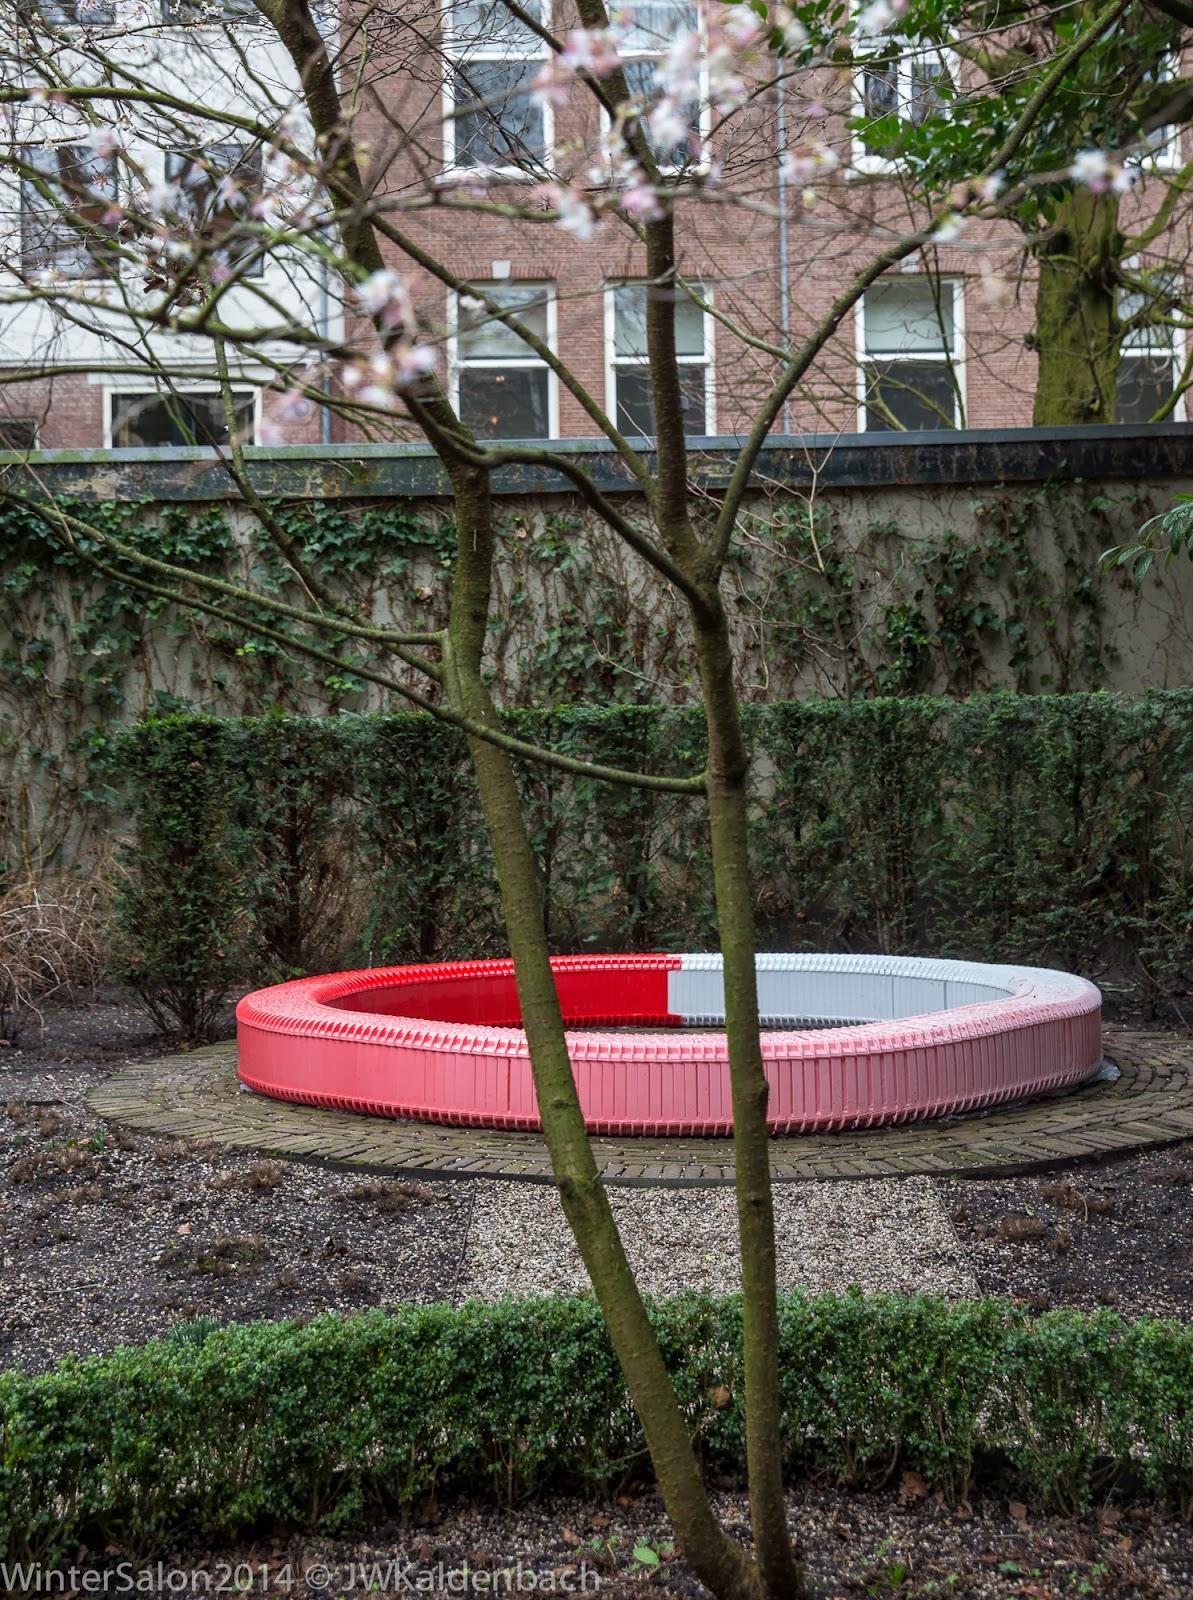 WinterSALON/2014: Participants at DutchCulture